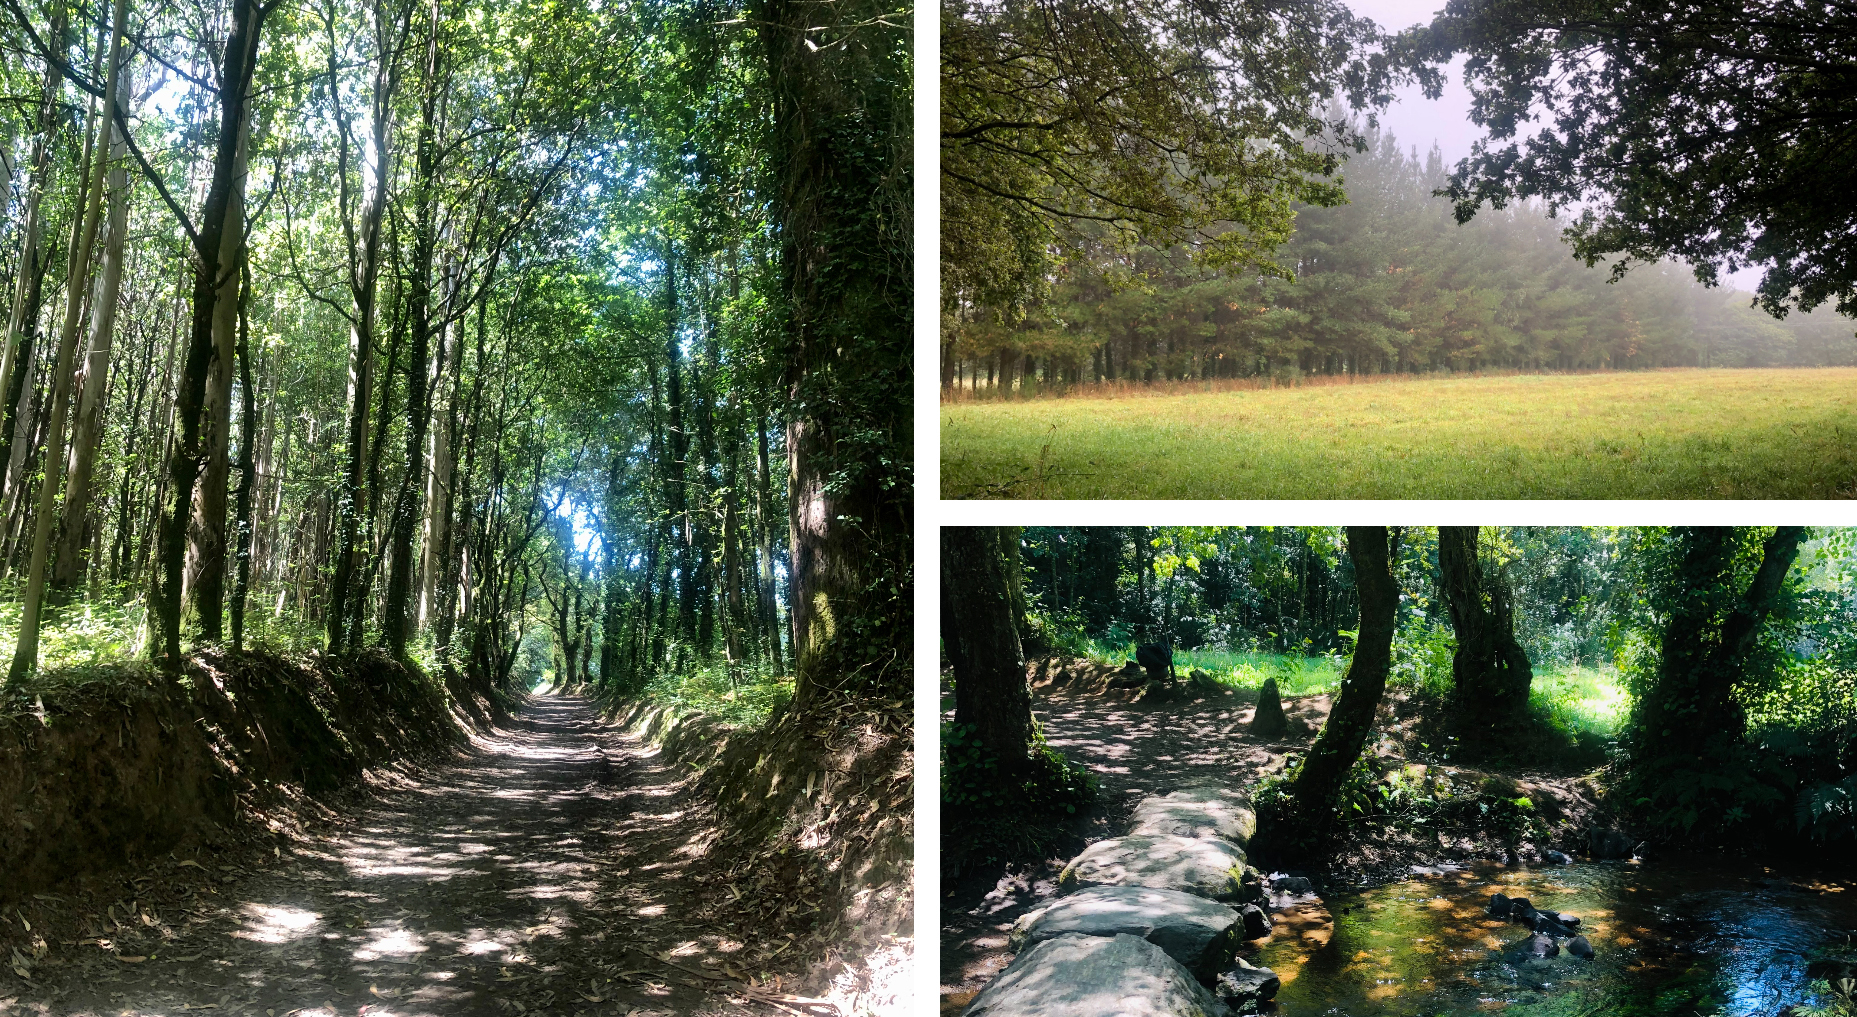 Bosques en el Camino de Santiago entre Palas de Rei y Ribadixo de Baixo